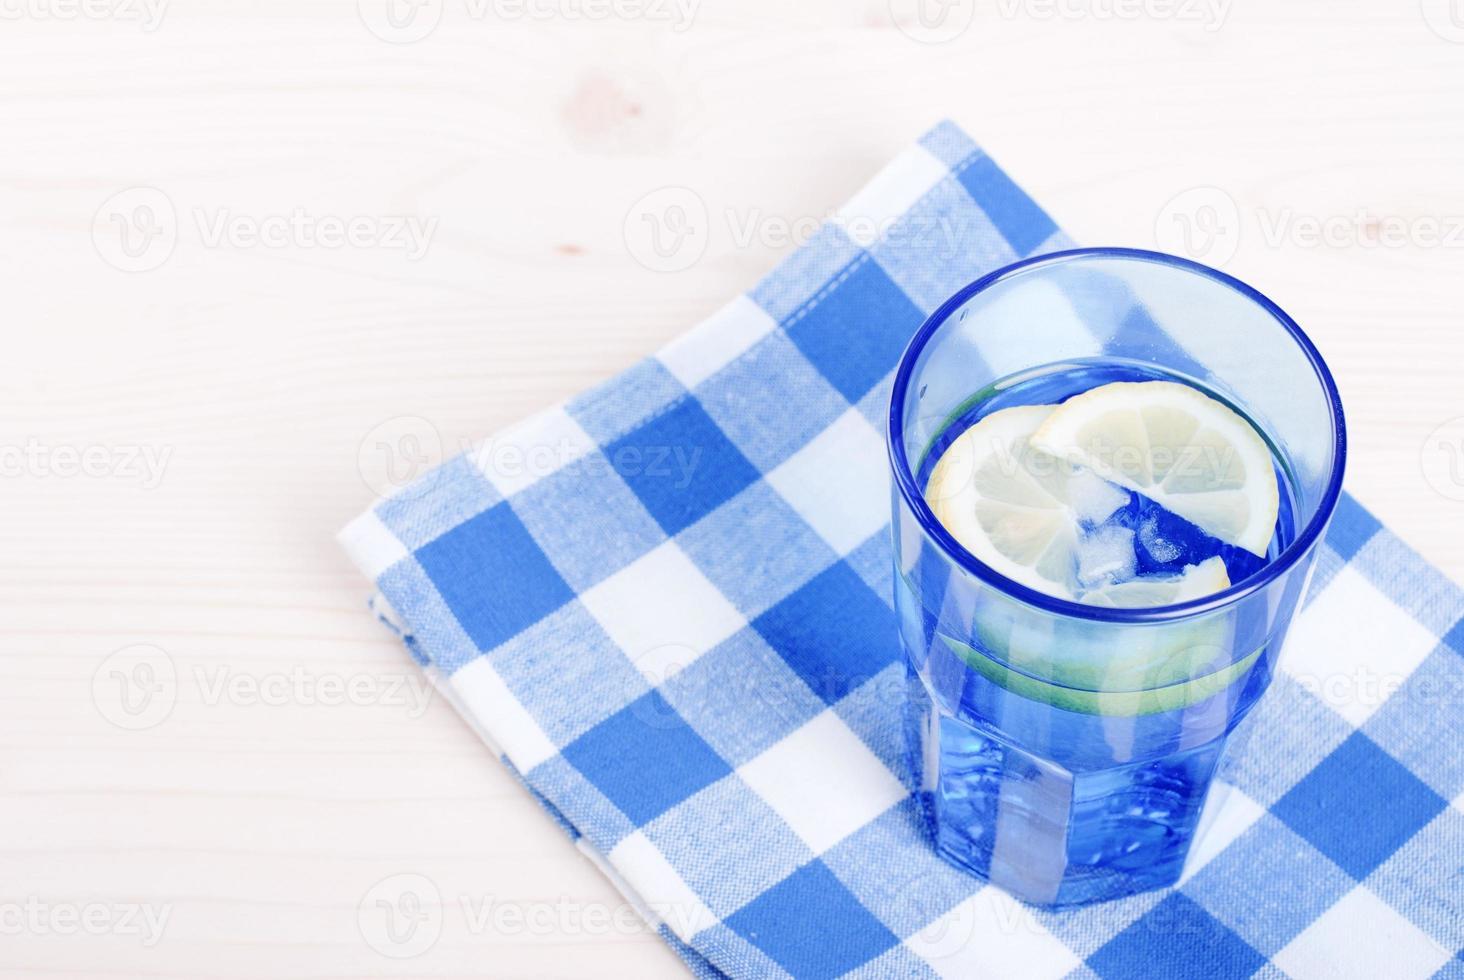 water citroen munt in blauw glas op tafel bovenaanzicht foto